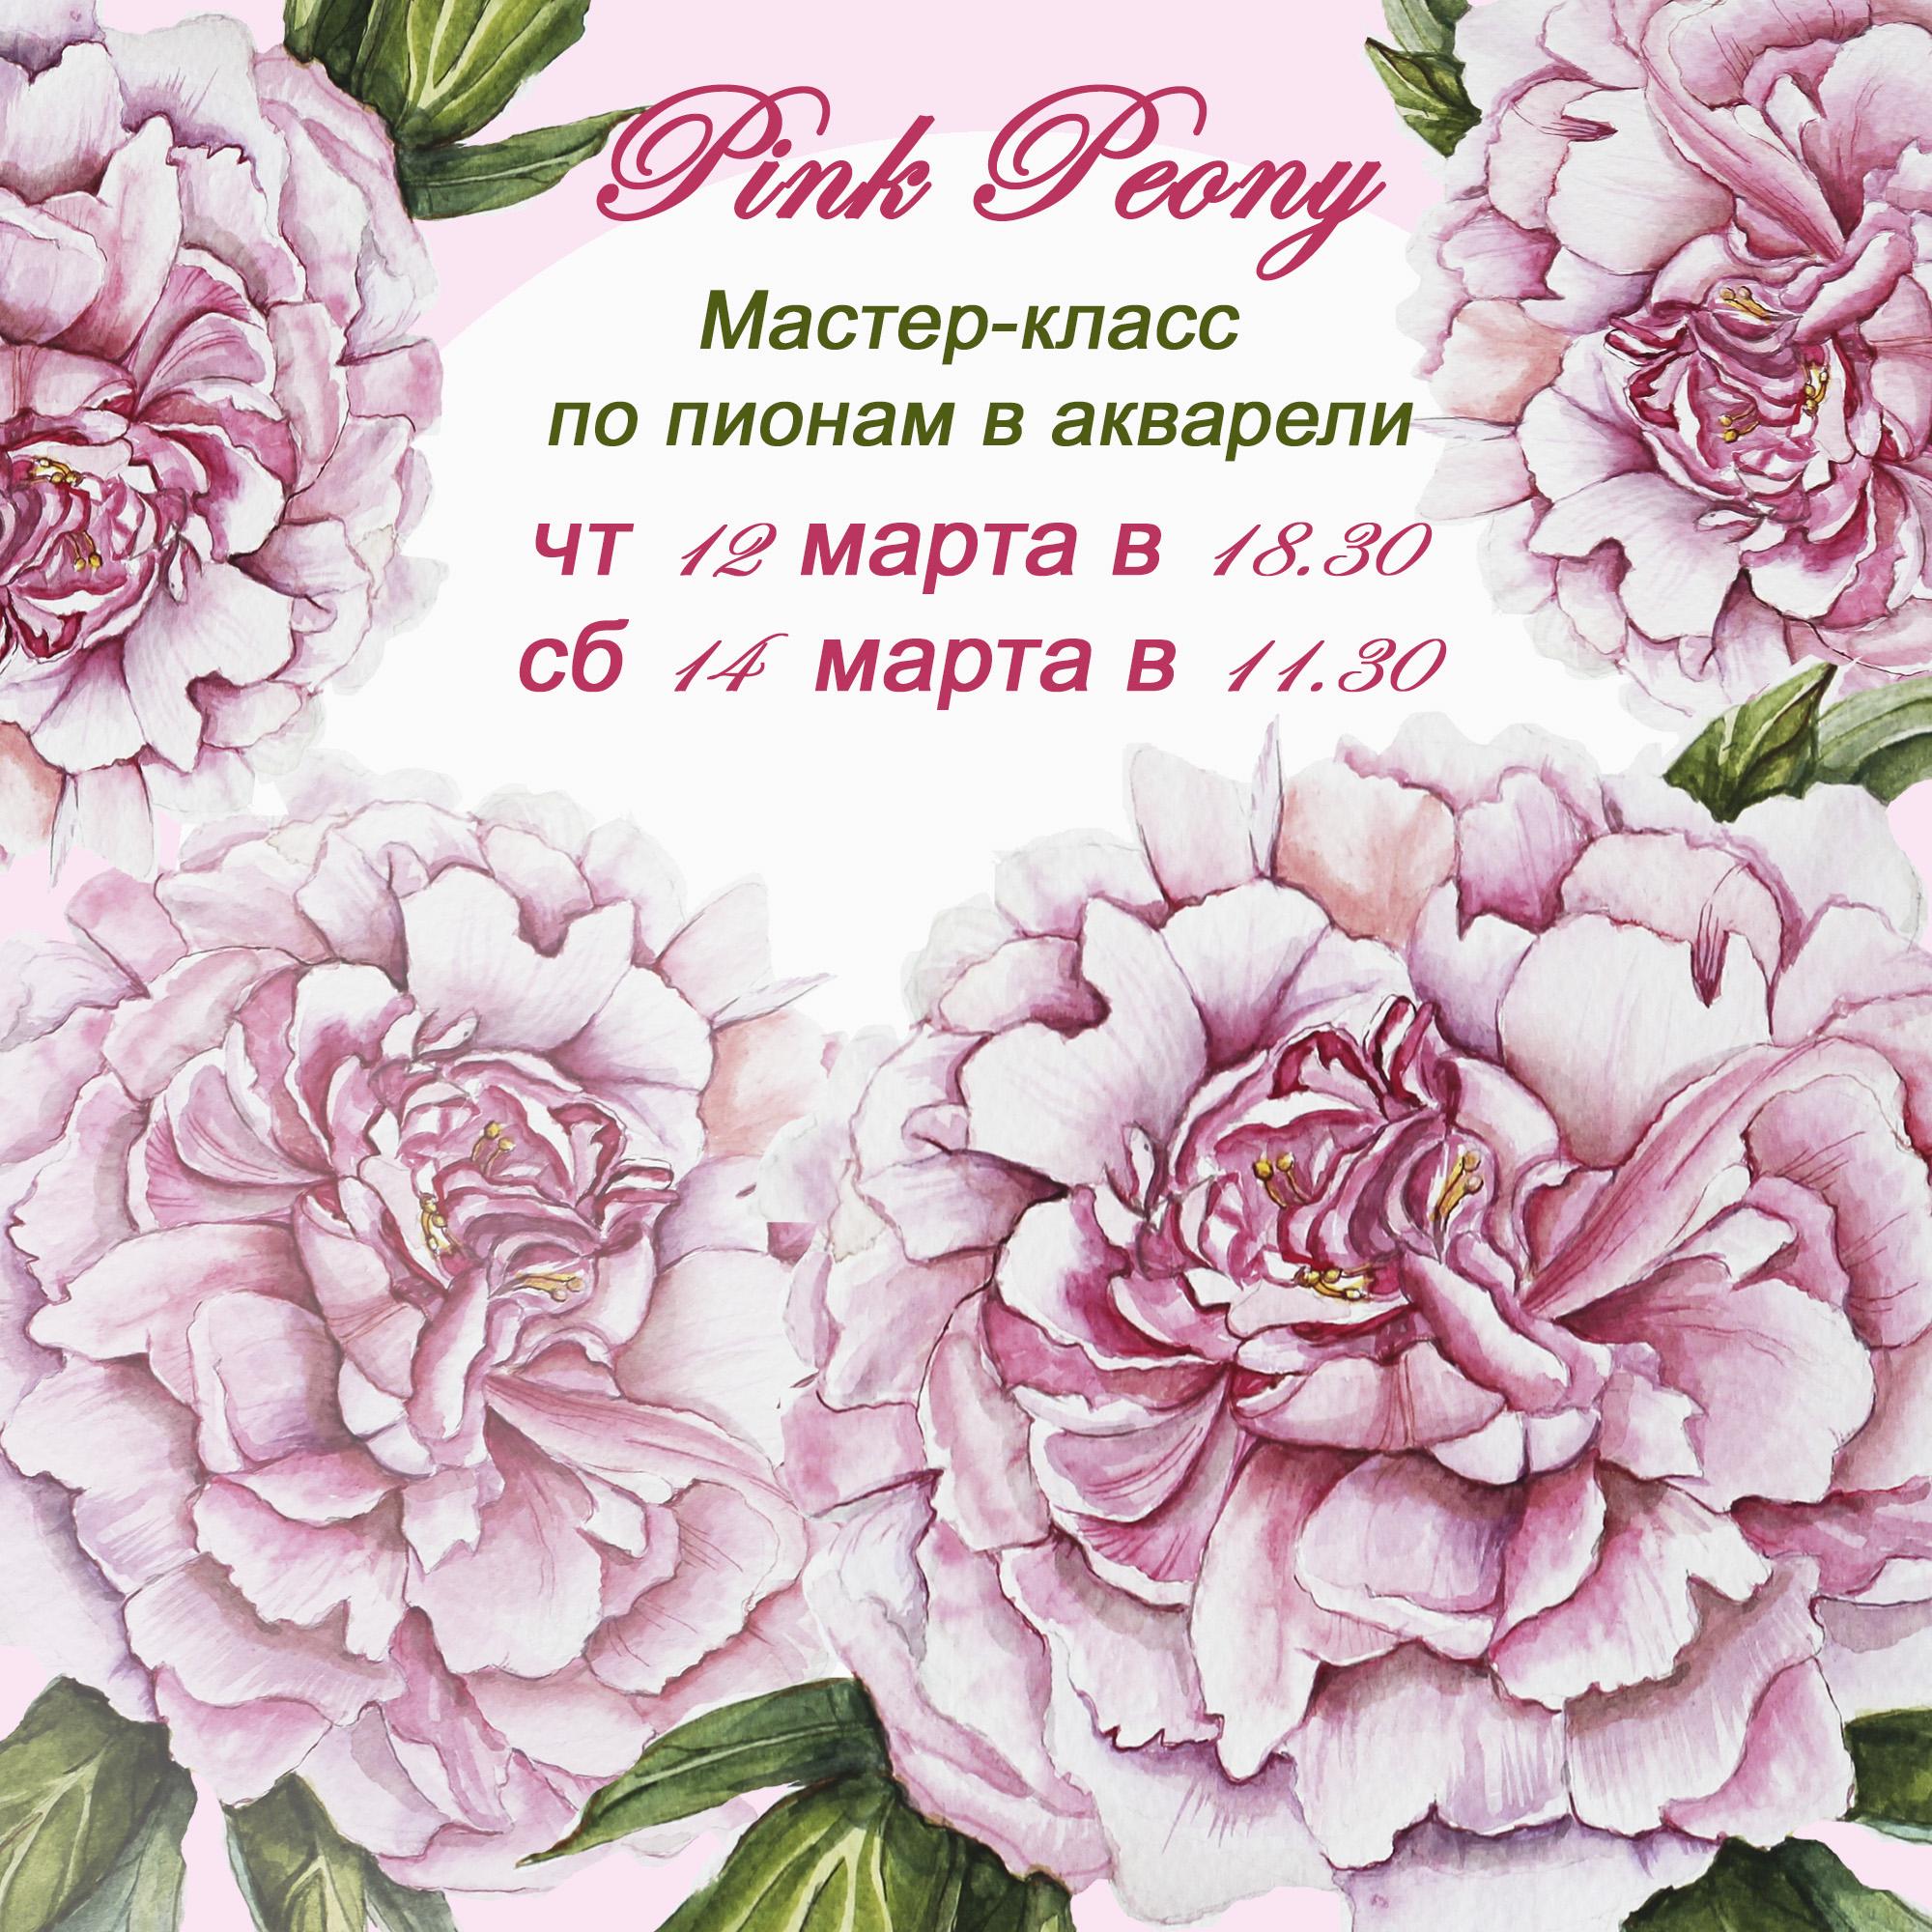 Открытка 8 марта пионы, днем рождения открытки